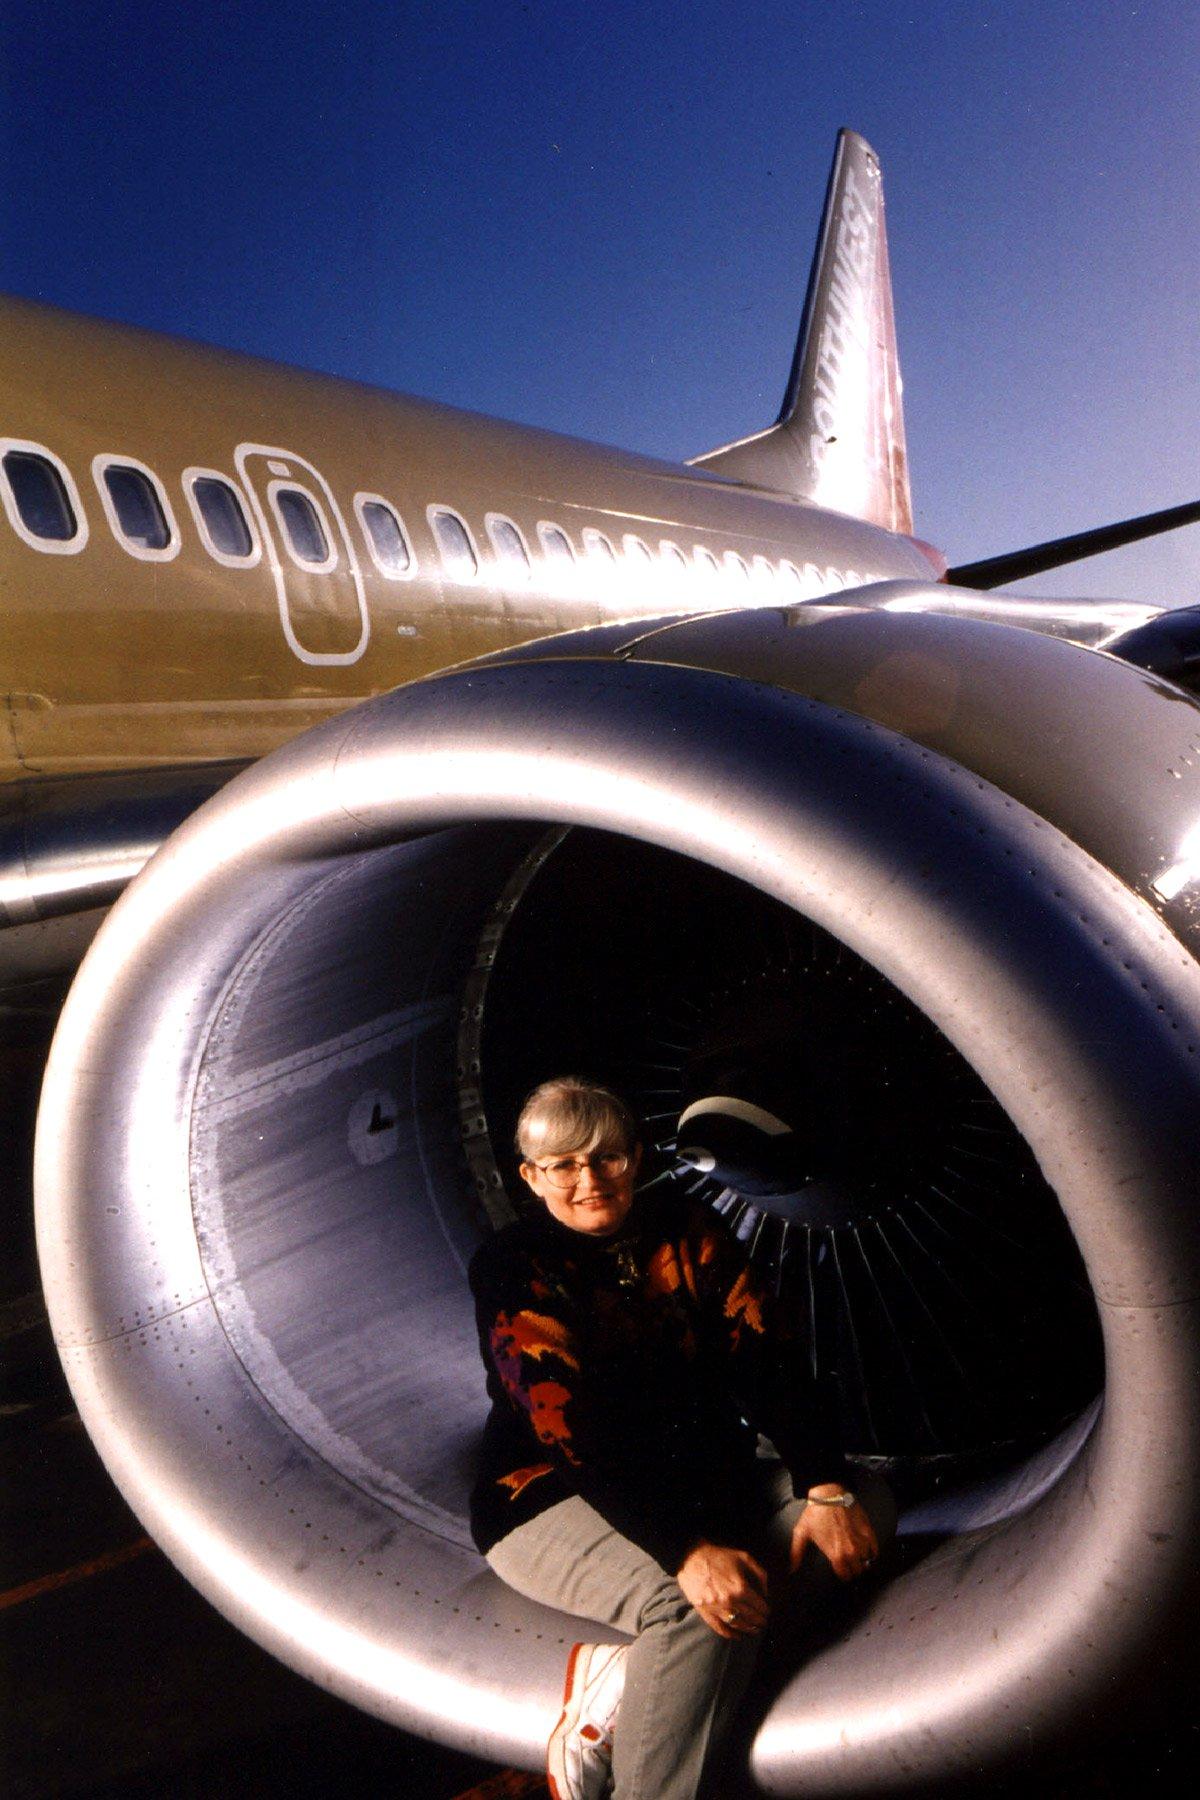 colleen-barrett-southwest-airlines.jpg